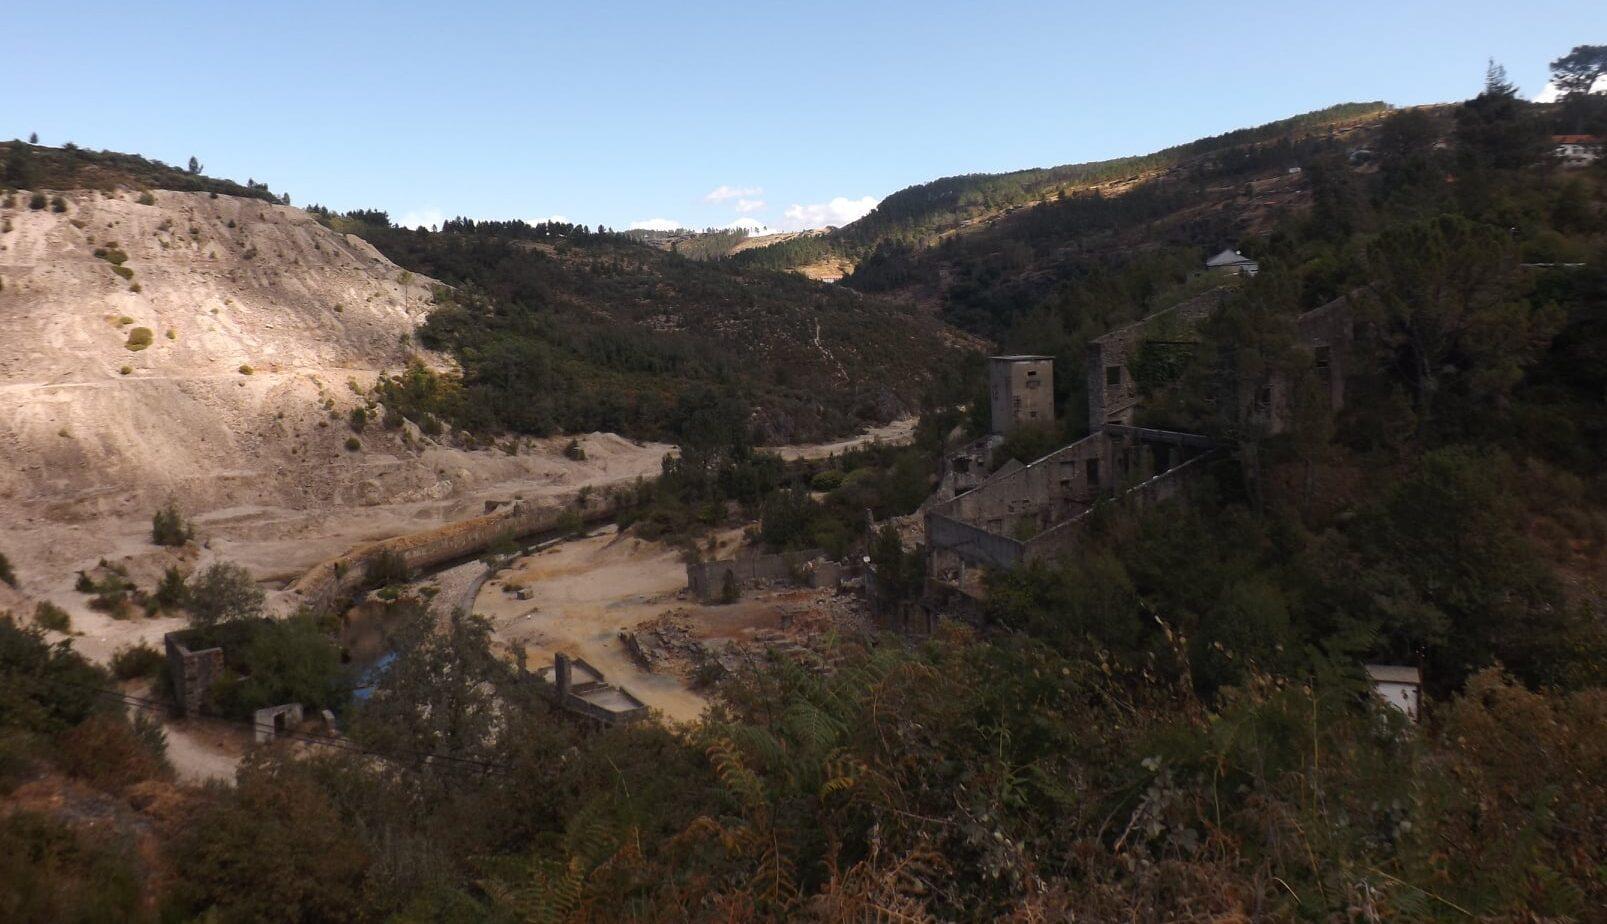 """13 movimentos e associações contestam exploração mineira a """"céu aberto"""" na Borralha em Montalegre"""